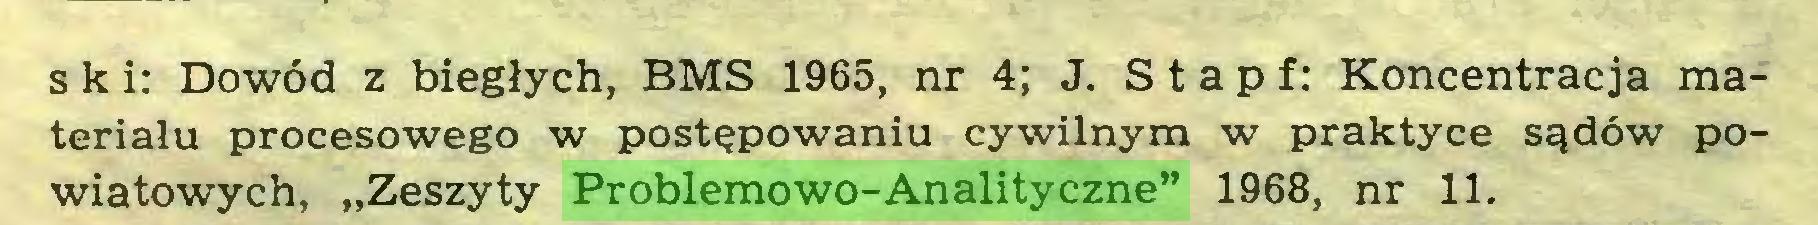 """(...) * *s k i: Dowód z biegłych, BMS 1965, nr 4; J. S t a p f: Koncentracja materiału procesowego w postępowaniu cywilnym w praktyce sądów powiatowych, """"Zeszyty Problemowo-Analityczne"""" 1968, nr 11..."""